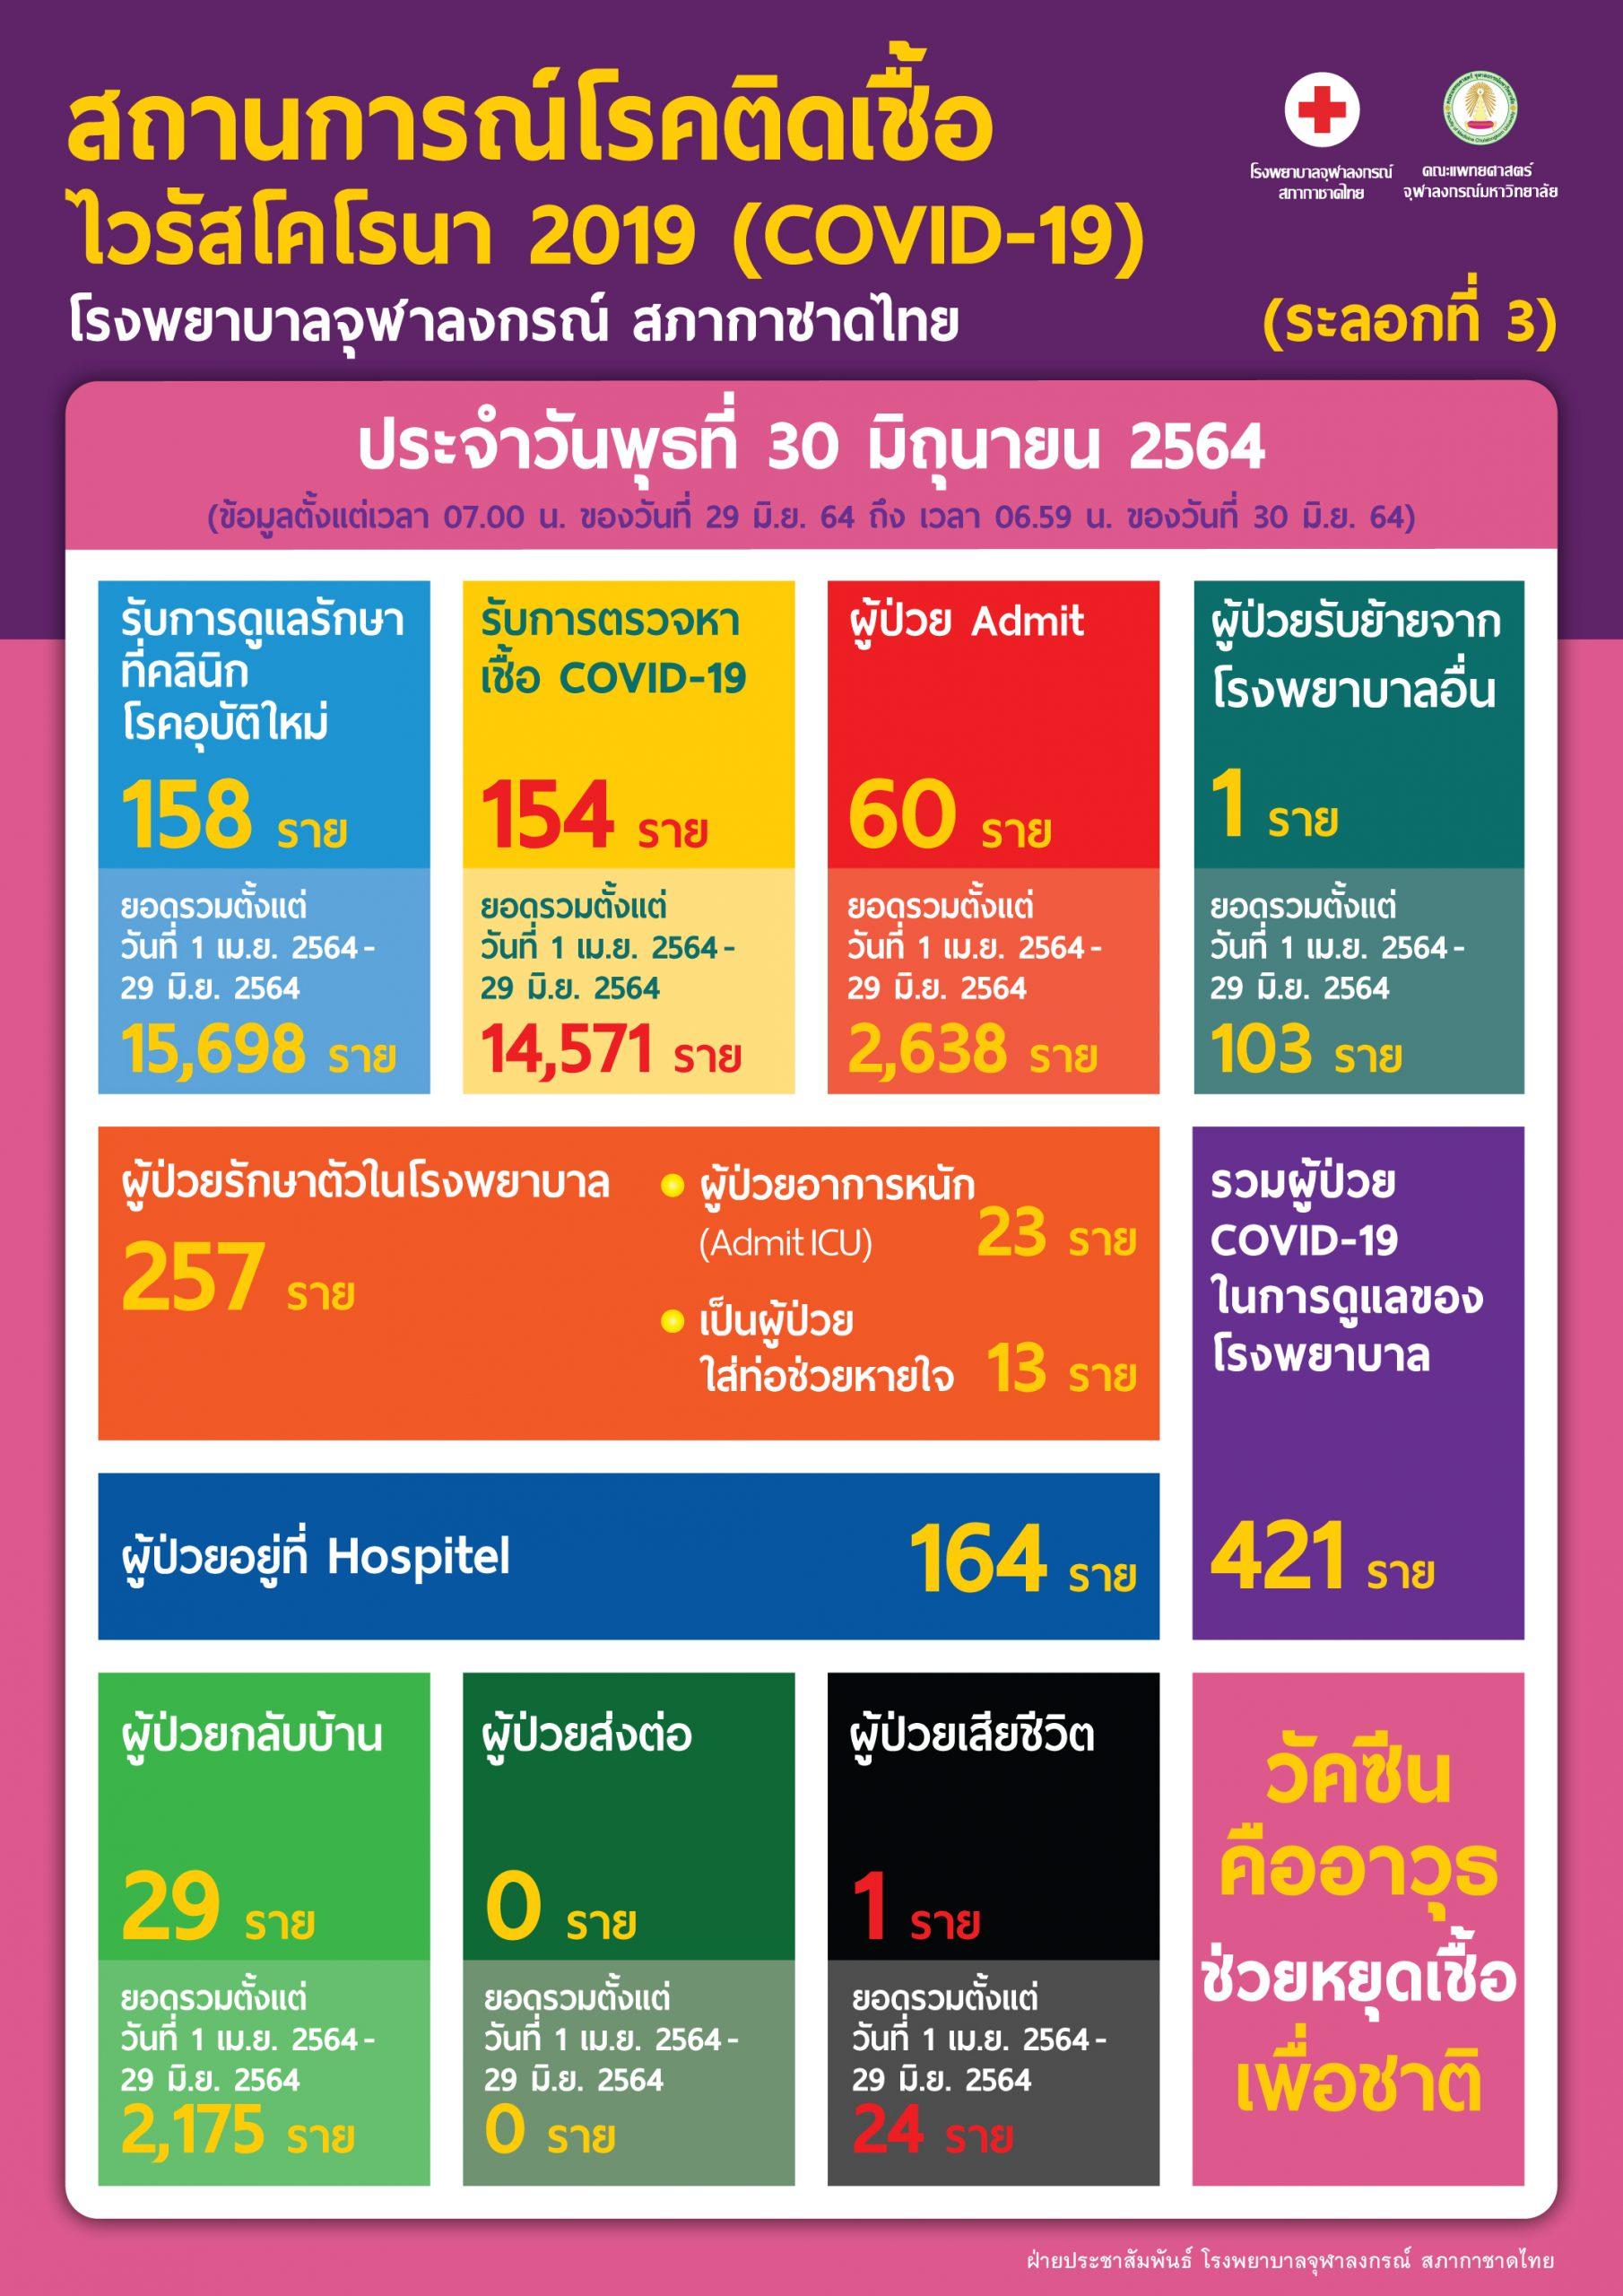 สถานการณ์โรคติดเชื้อไวรัสโคโรนา 2019 (COVID-19) (ระลอกที่ 3) โรงพยาบาลจุฬาลงกรณ์ สภากาชาดไทย ประจำวันพุธที่ 30 มิถุนายน 2564